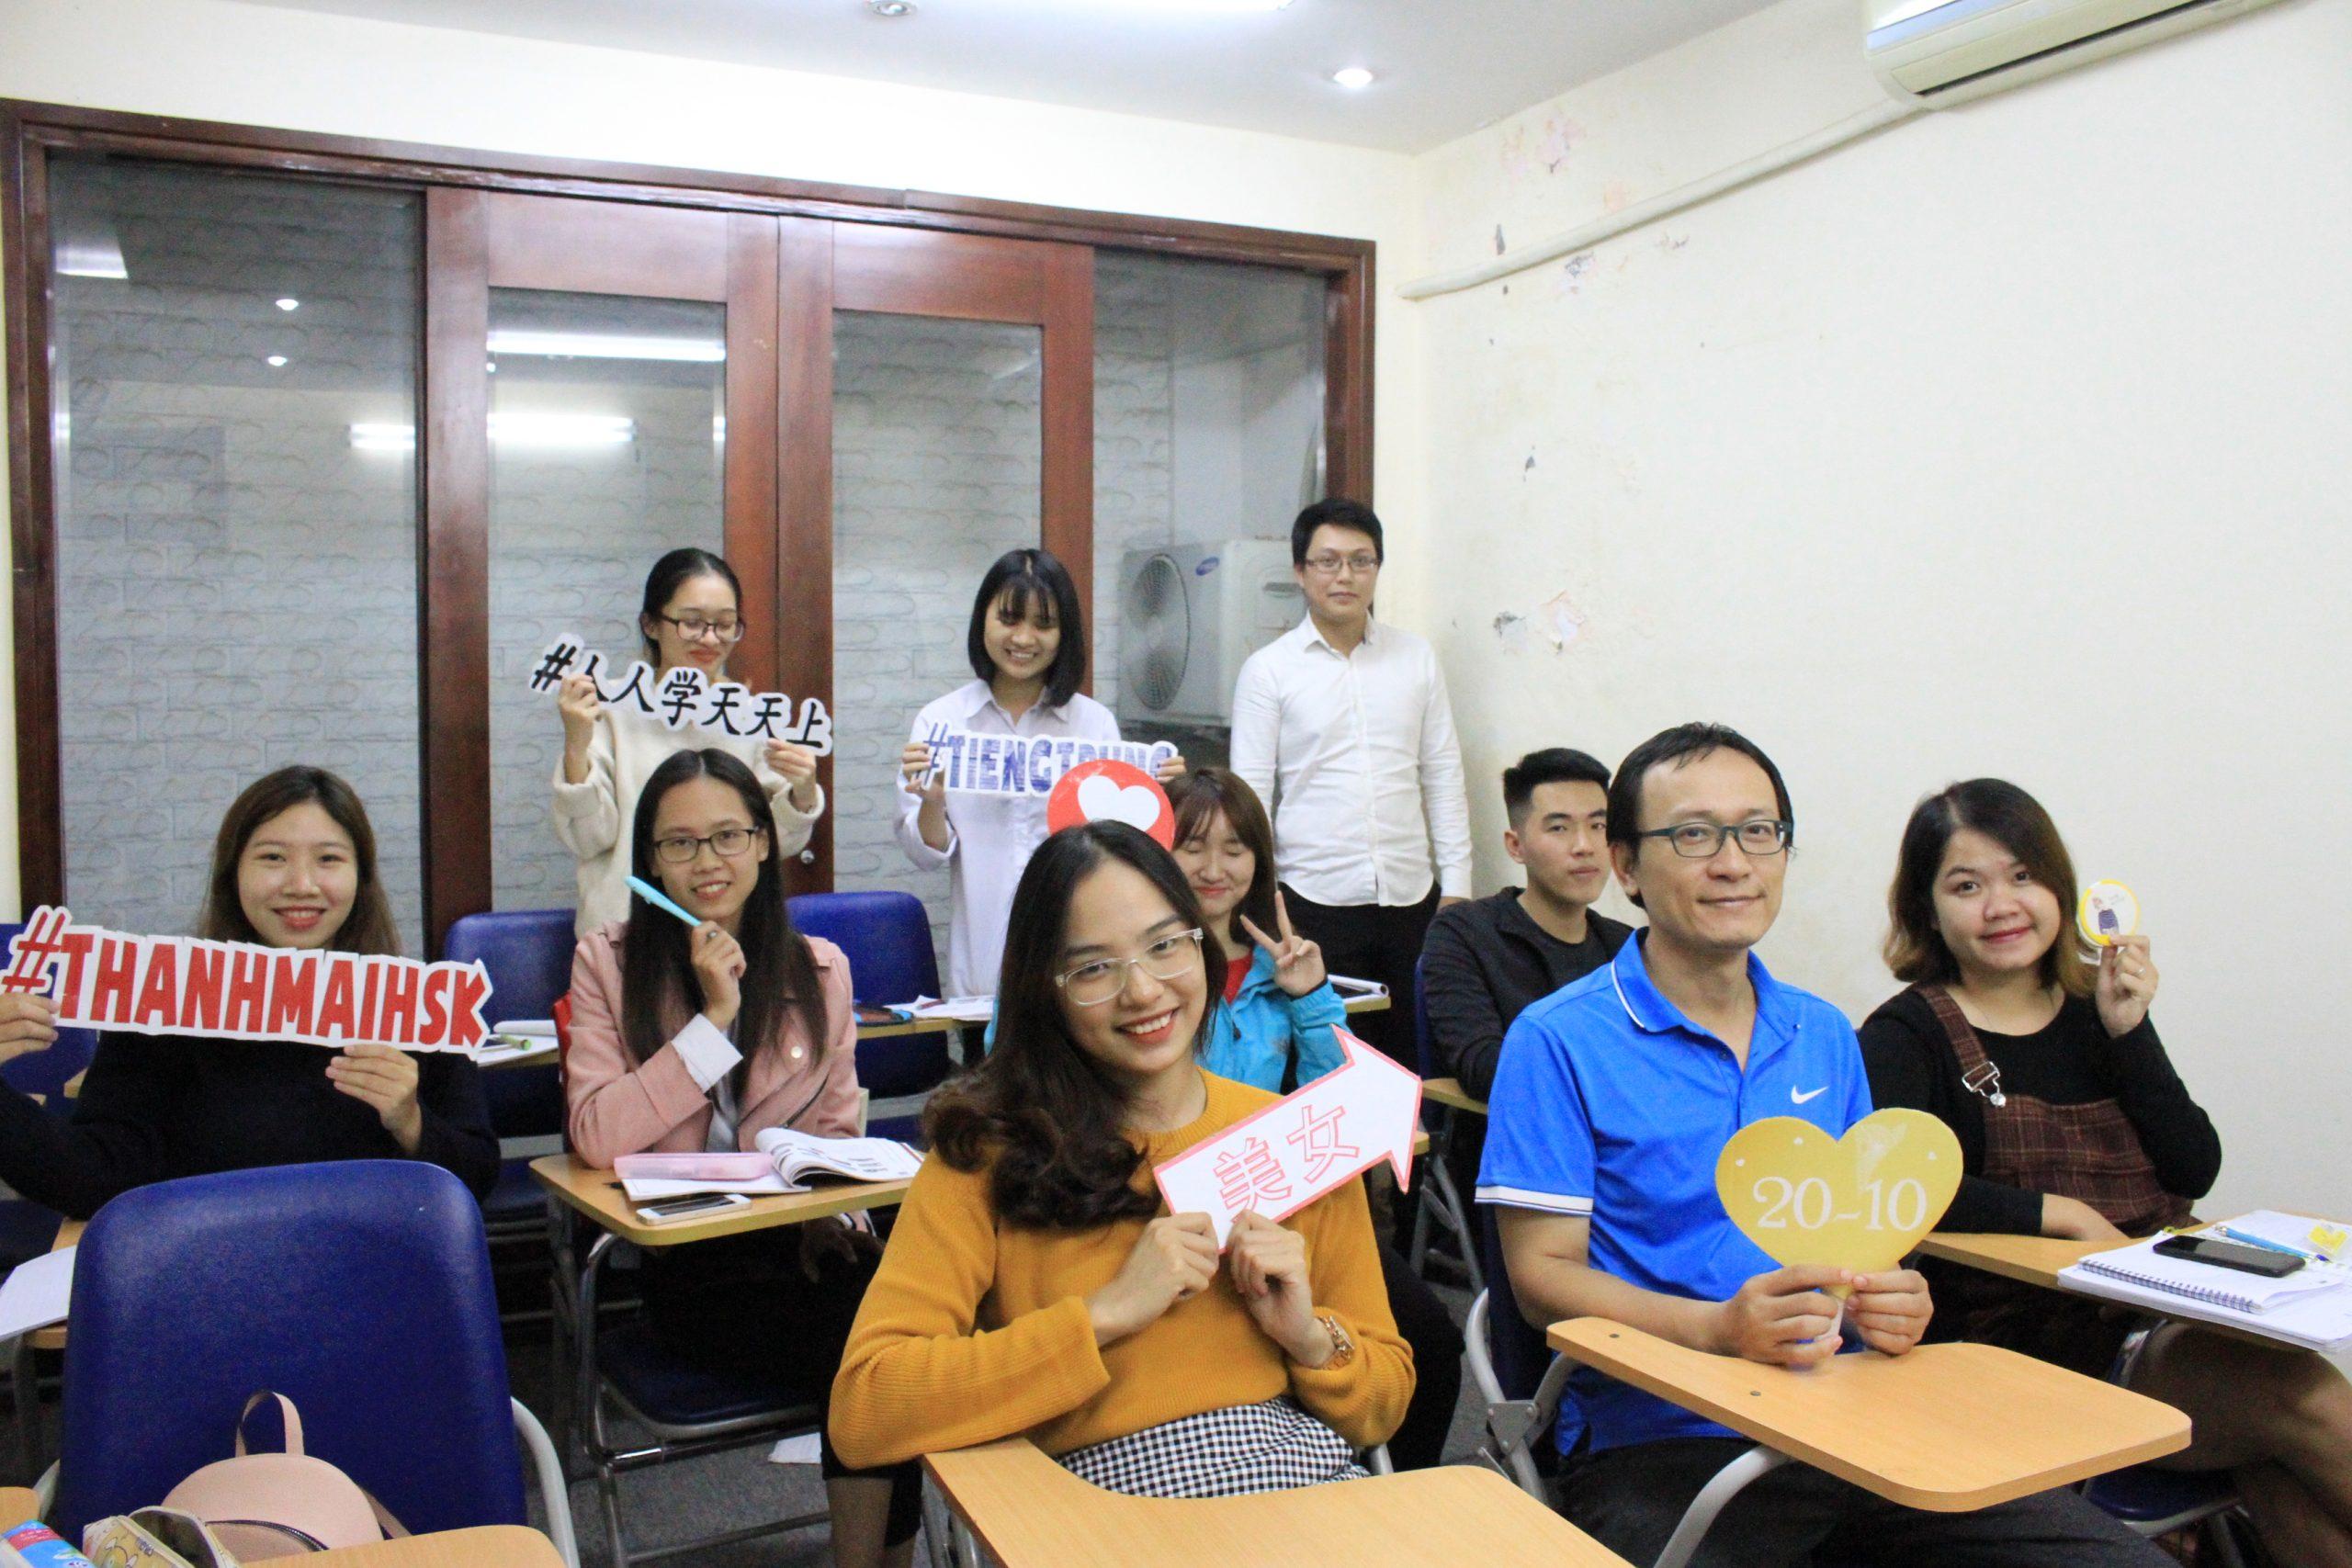 Học tiếng Trung ở đâu tốt nhất